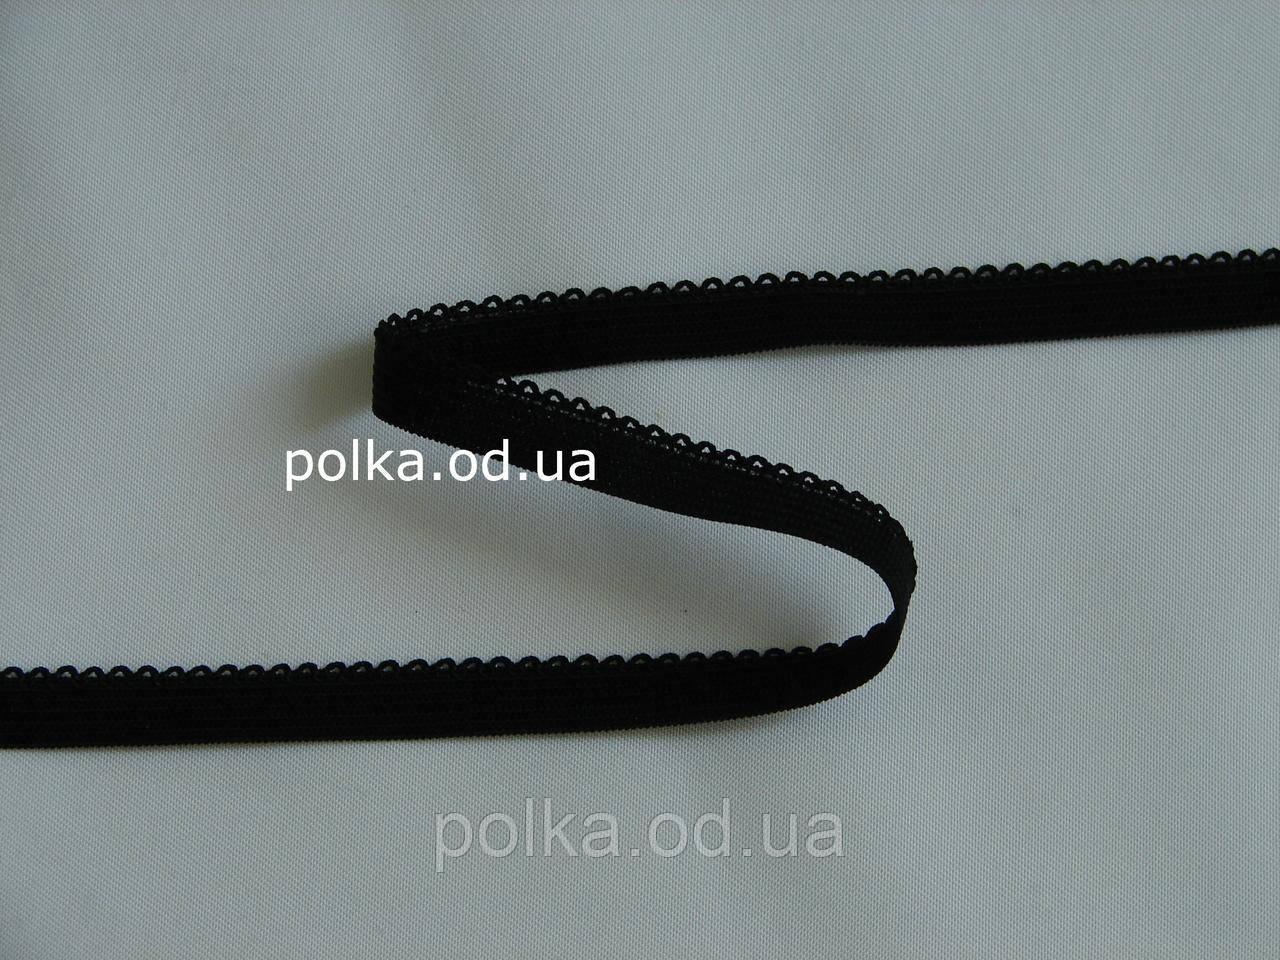 Резинка черная с ажурным краем- 2257, ширина 10мм, цвет черный/белый/цветная (Турция)